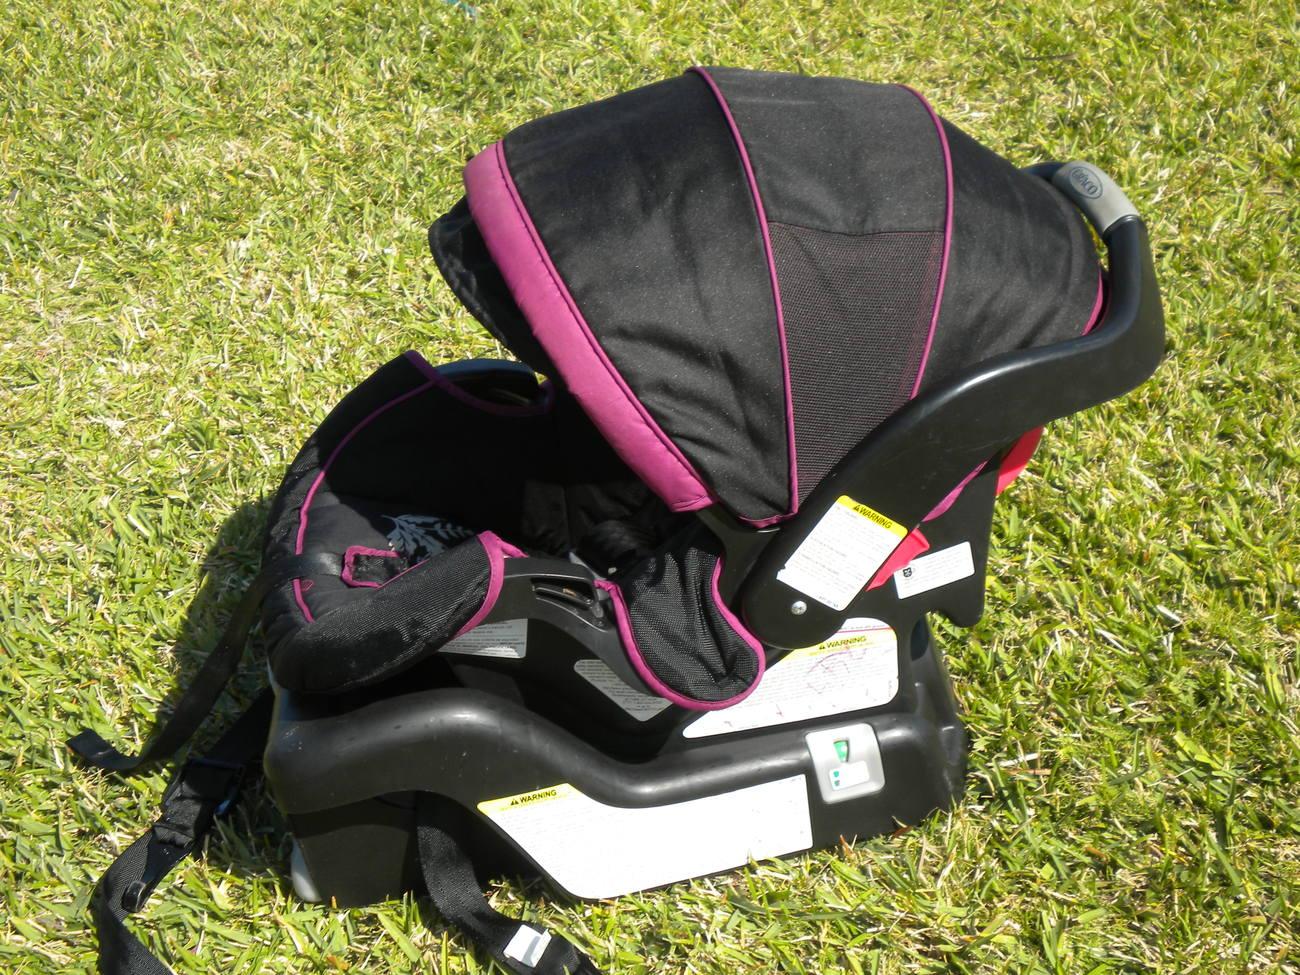 graco snugride 30 infant car seat base zoey pink black 2011 infant car seat 5 20 lbs. Black Bedroom Furniture Sets. Home Design Ideas